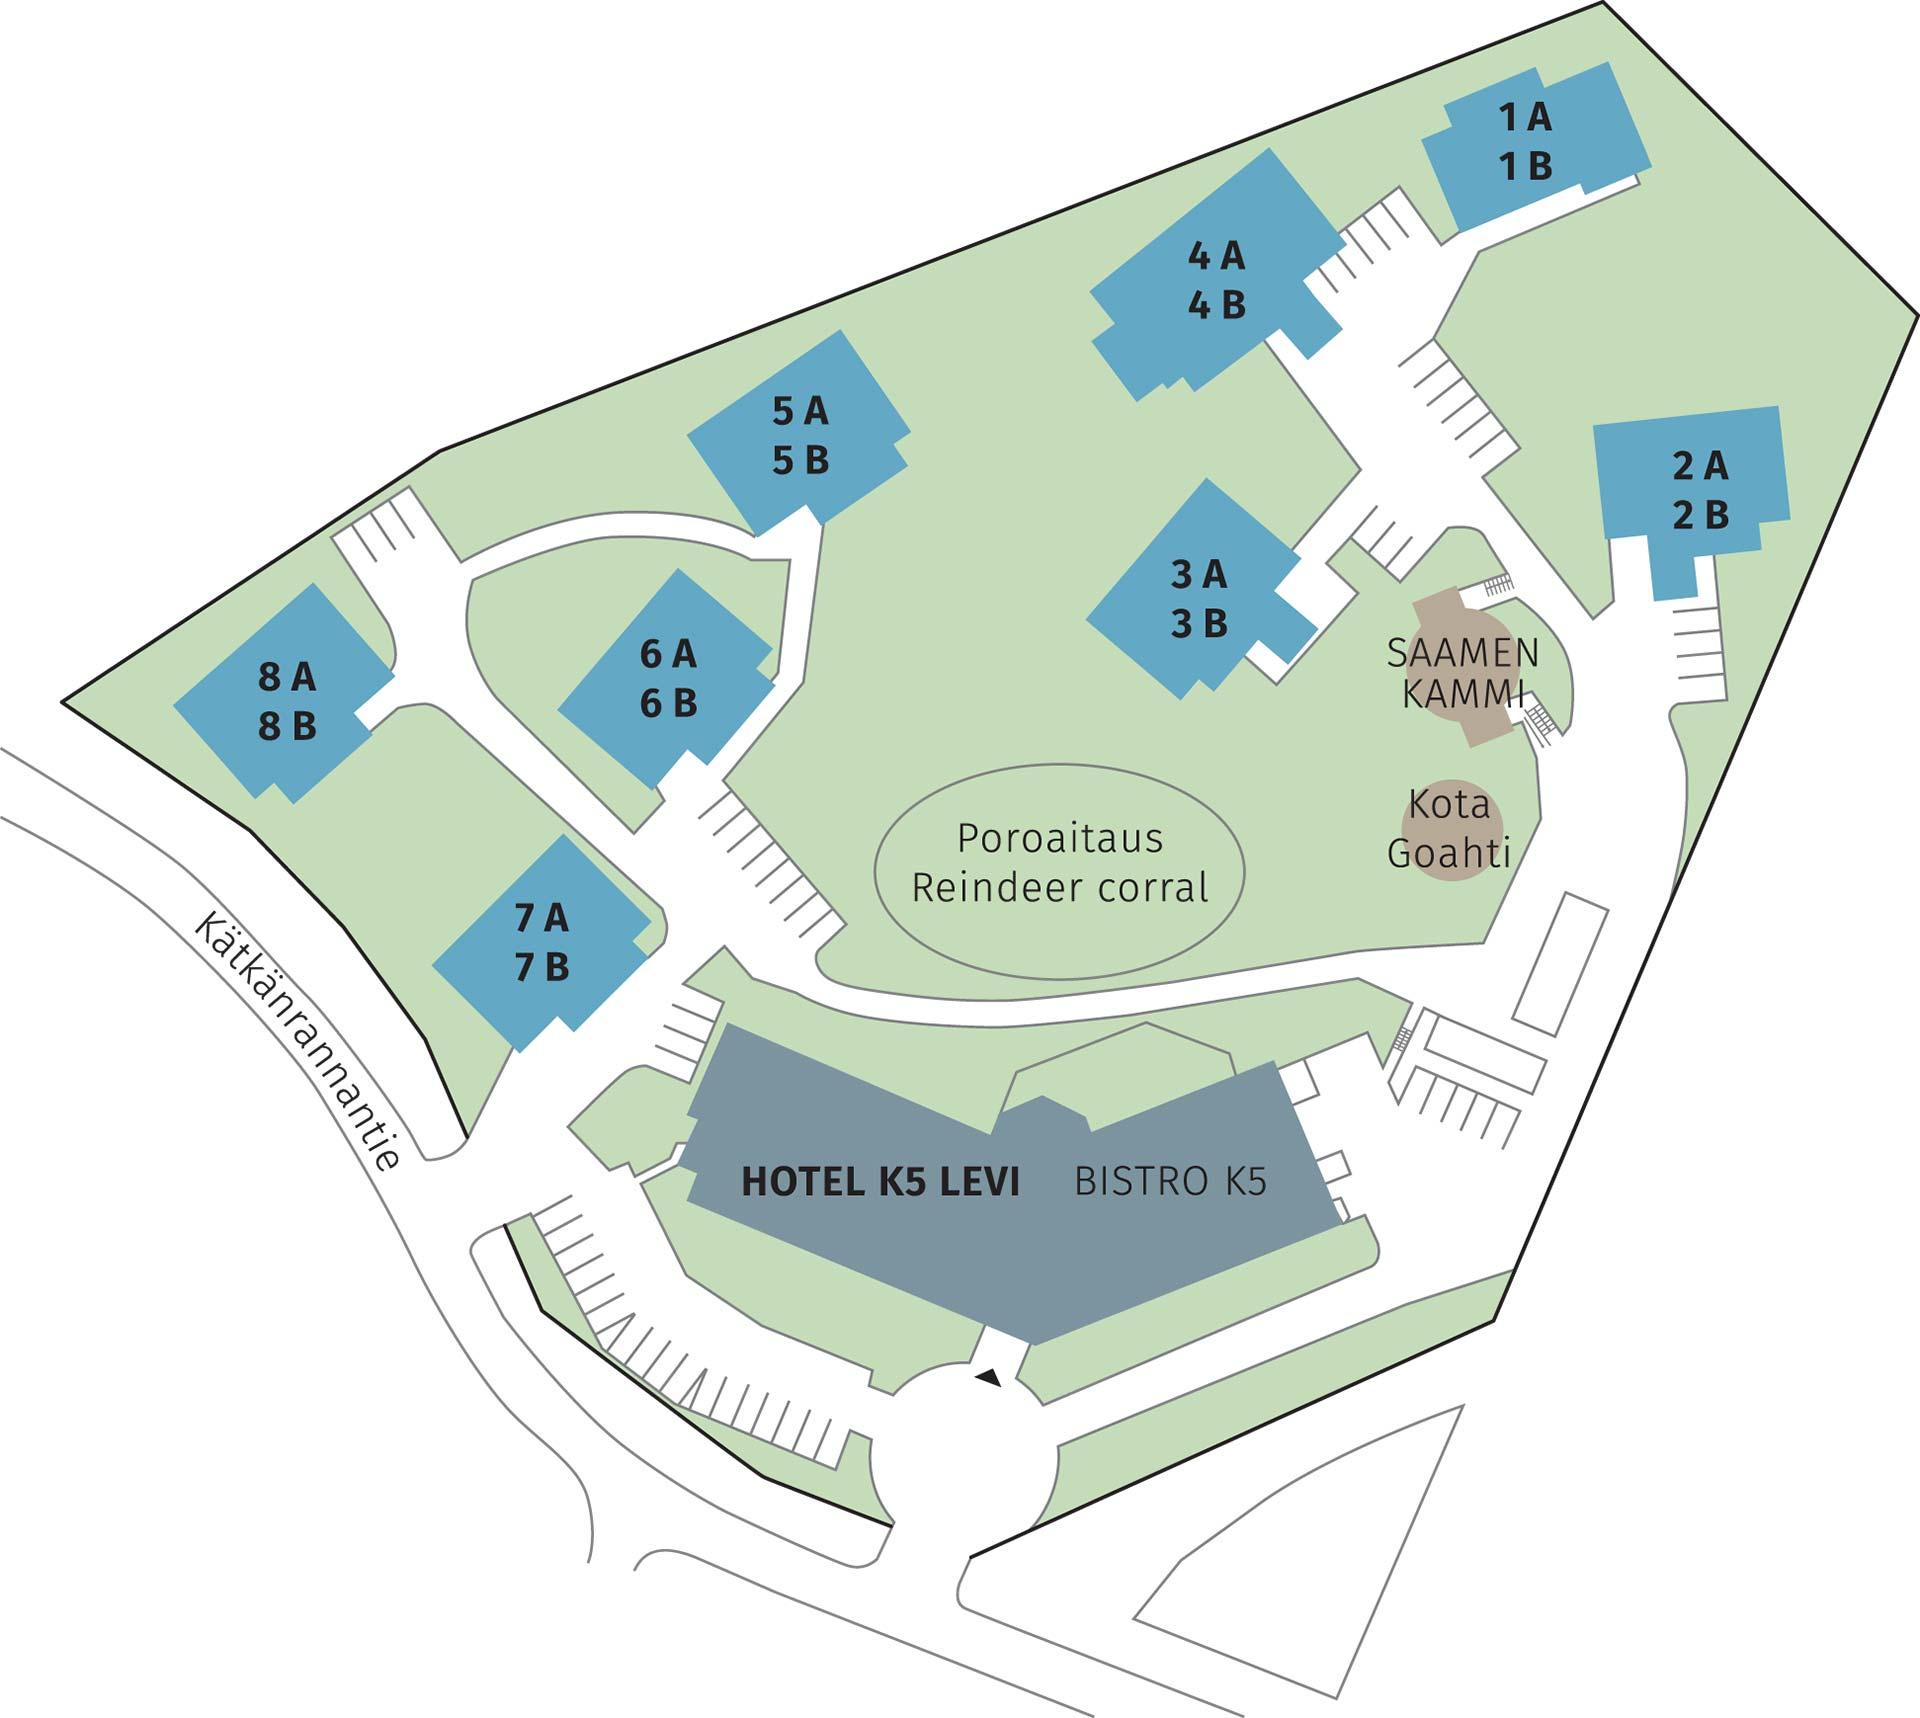 k5 Villas Levi -asemapiirros